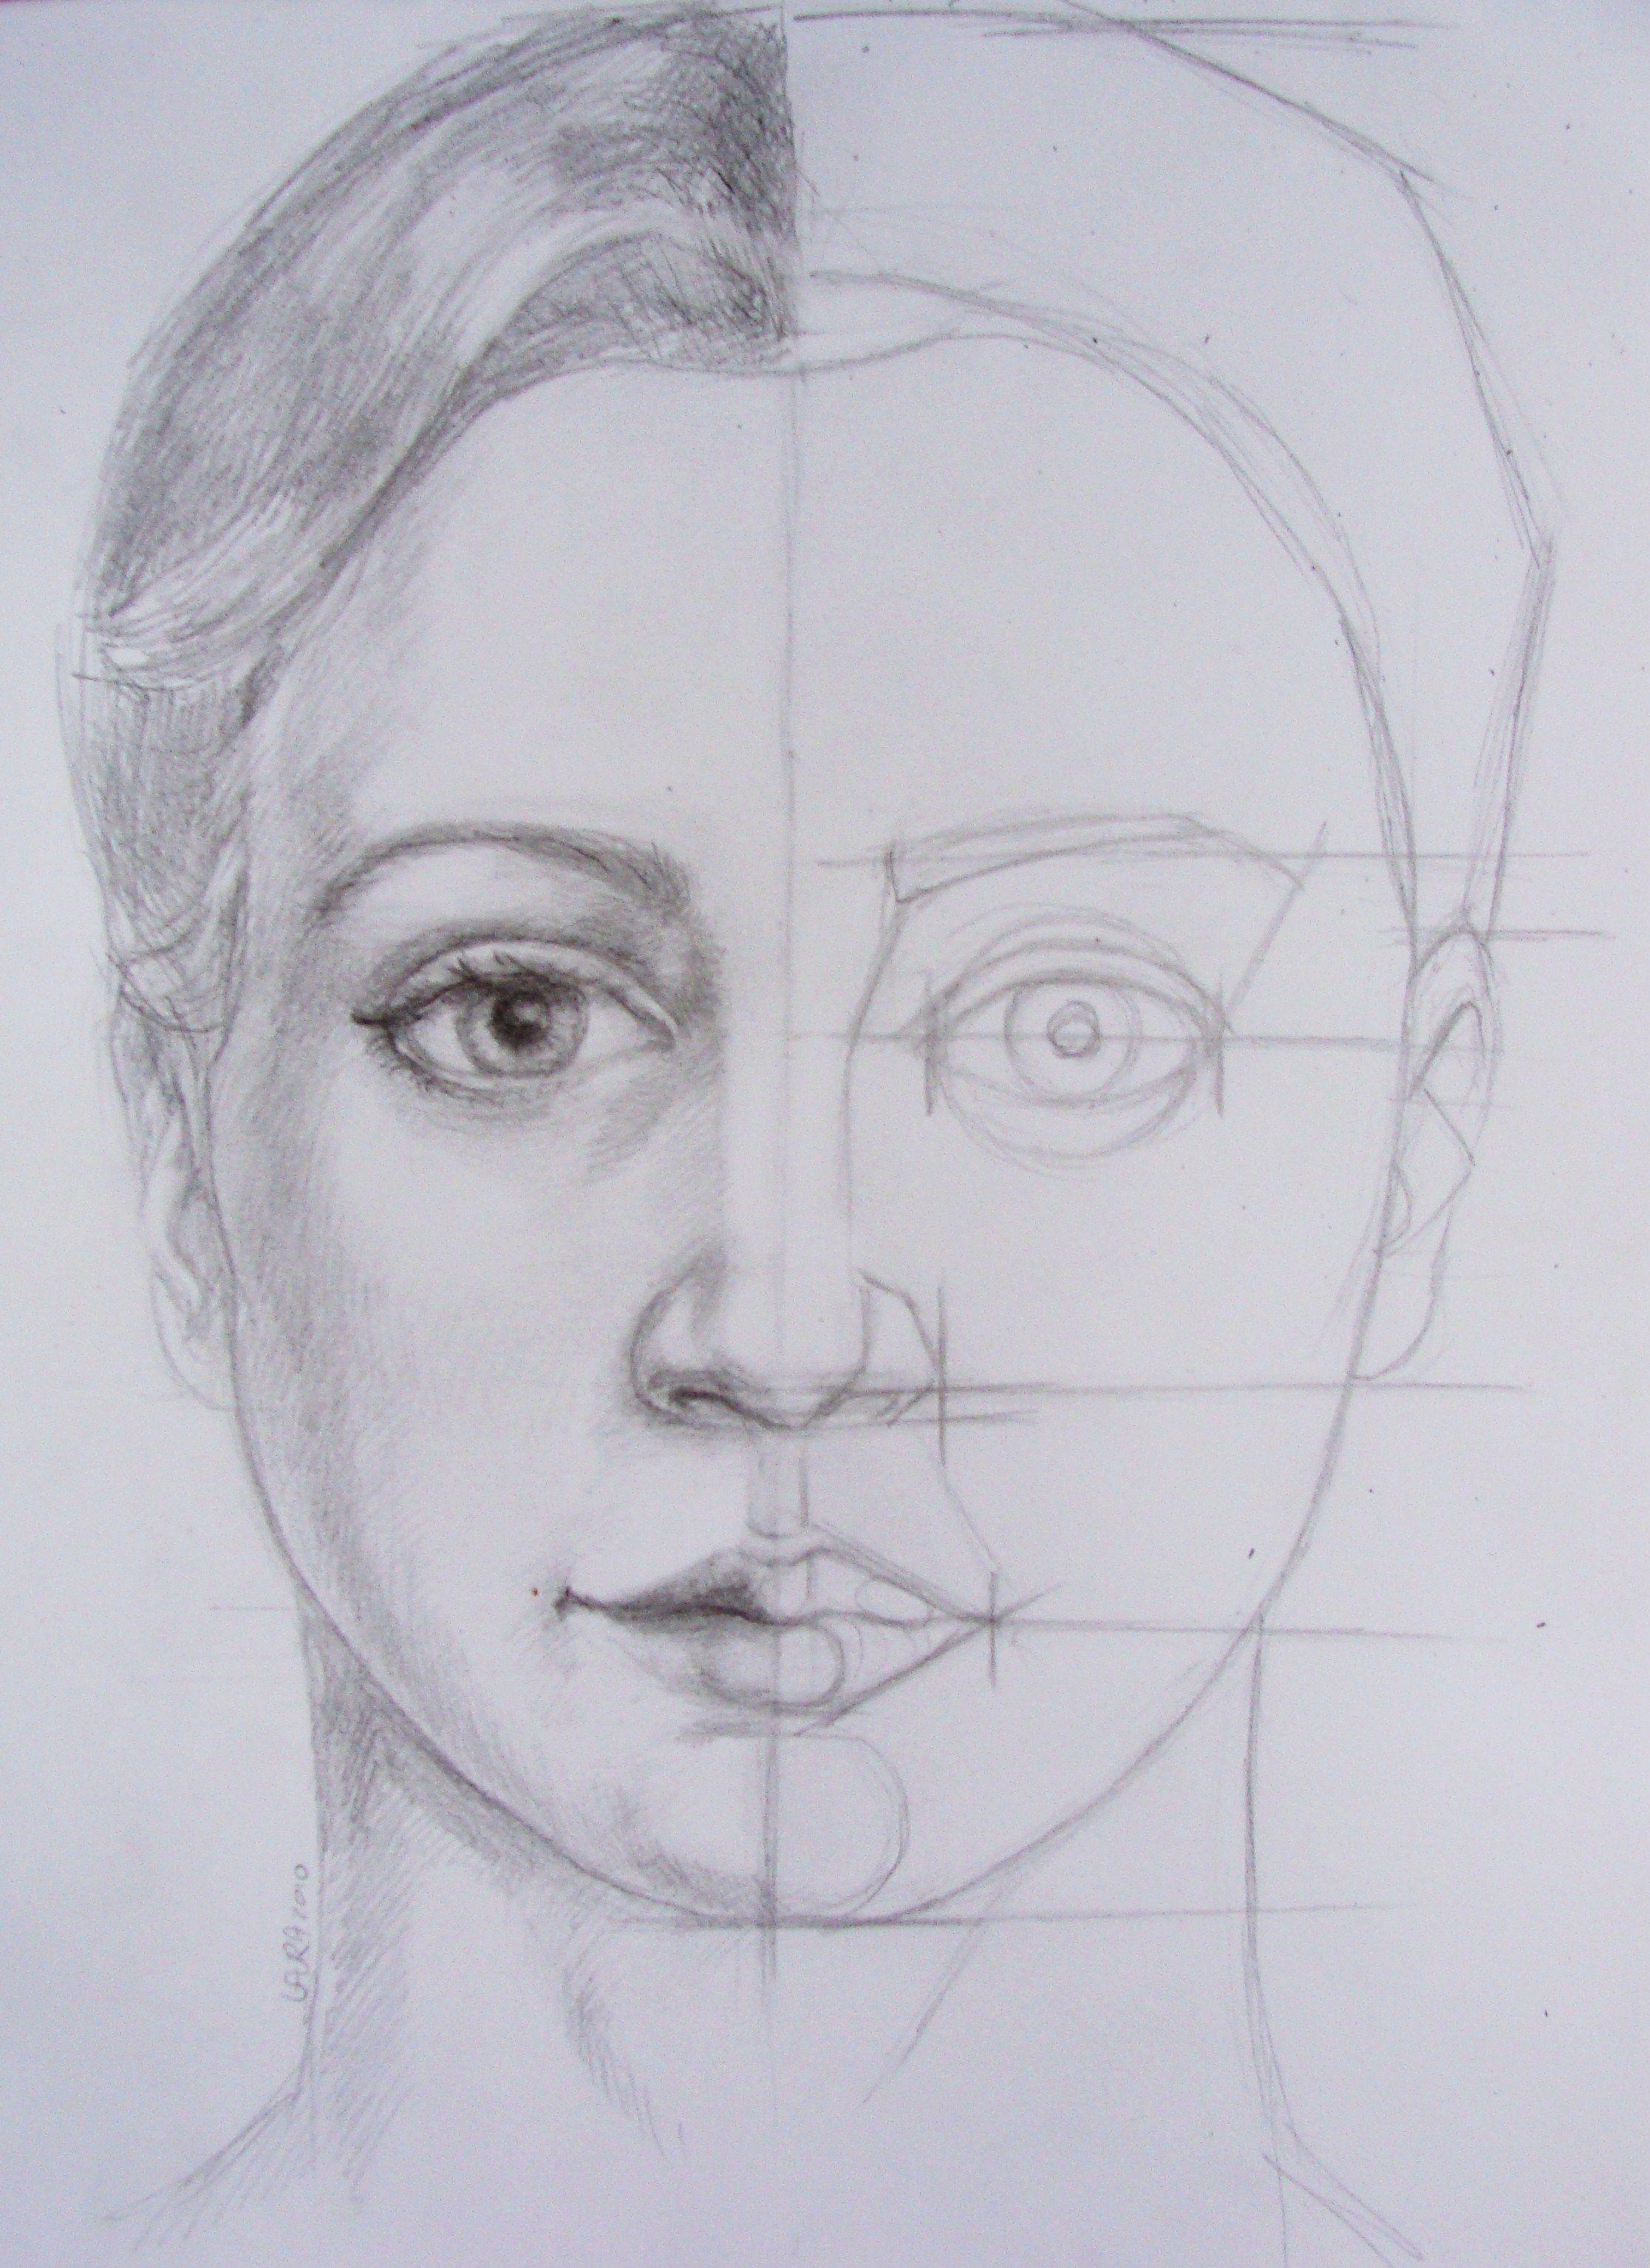 Rechts is de schematische opbouw van een portret zichtbaar. De ogen ...